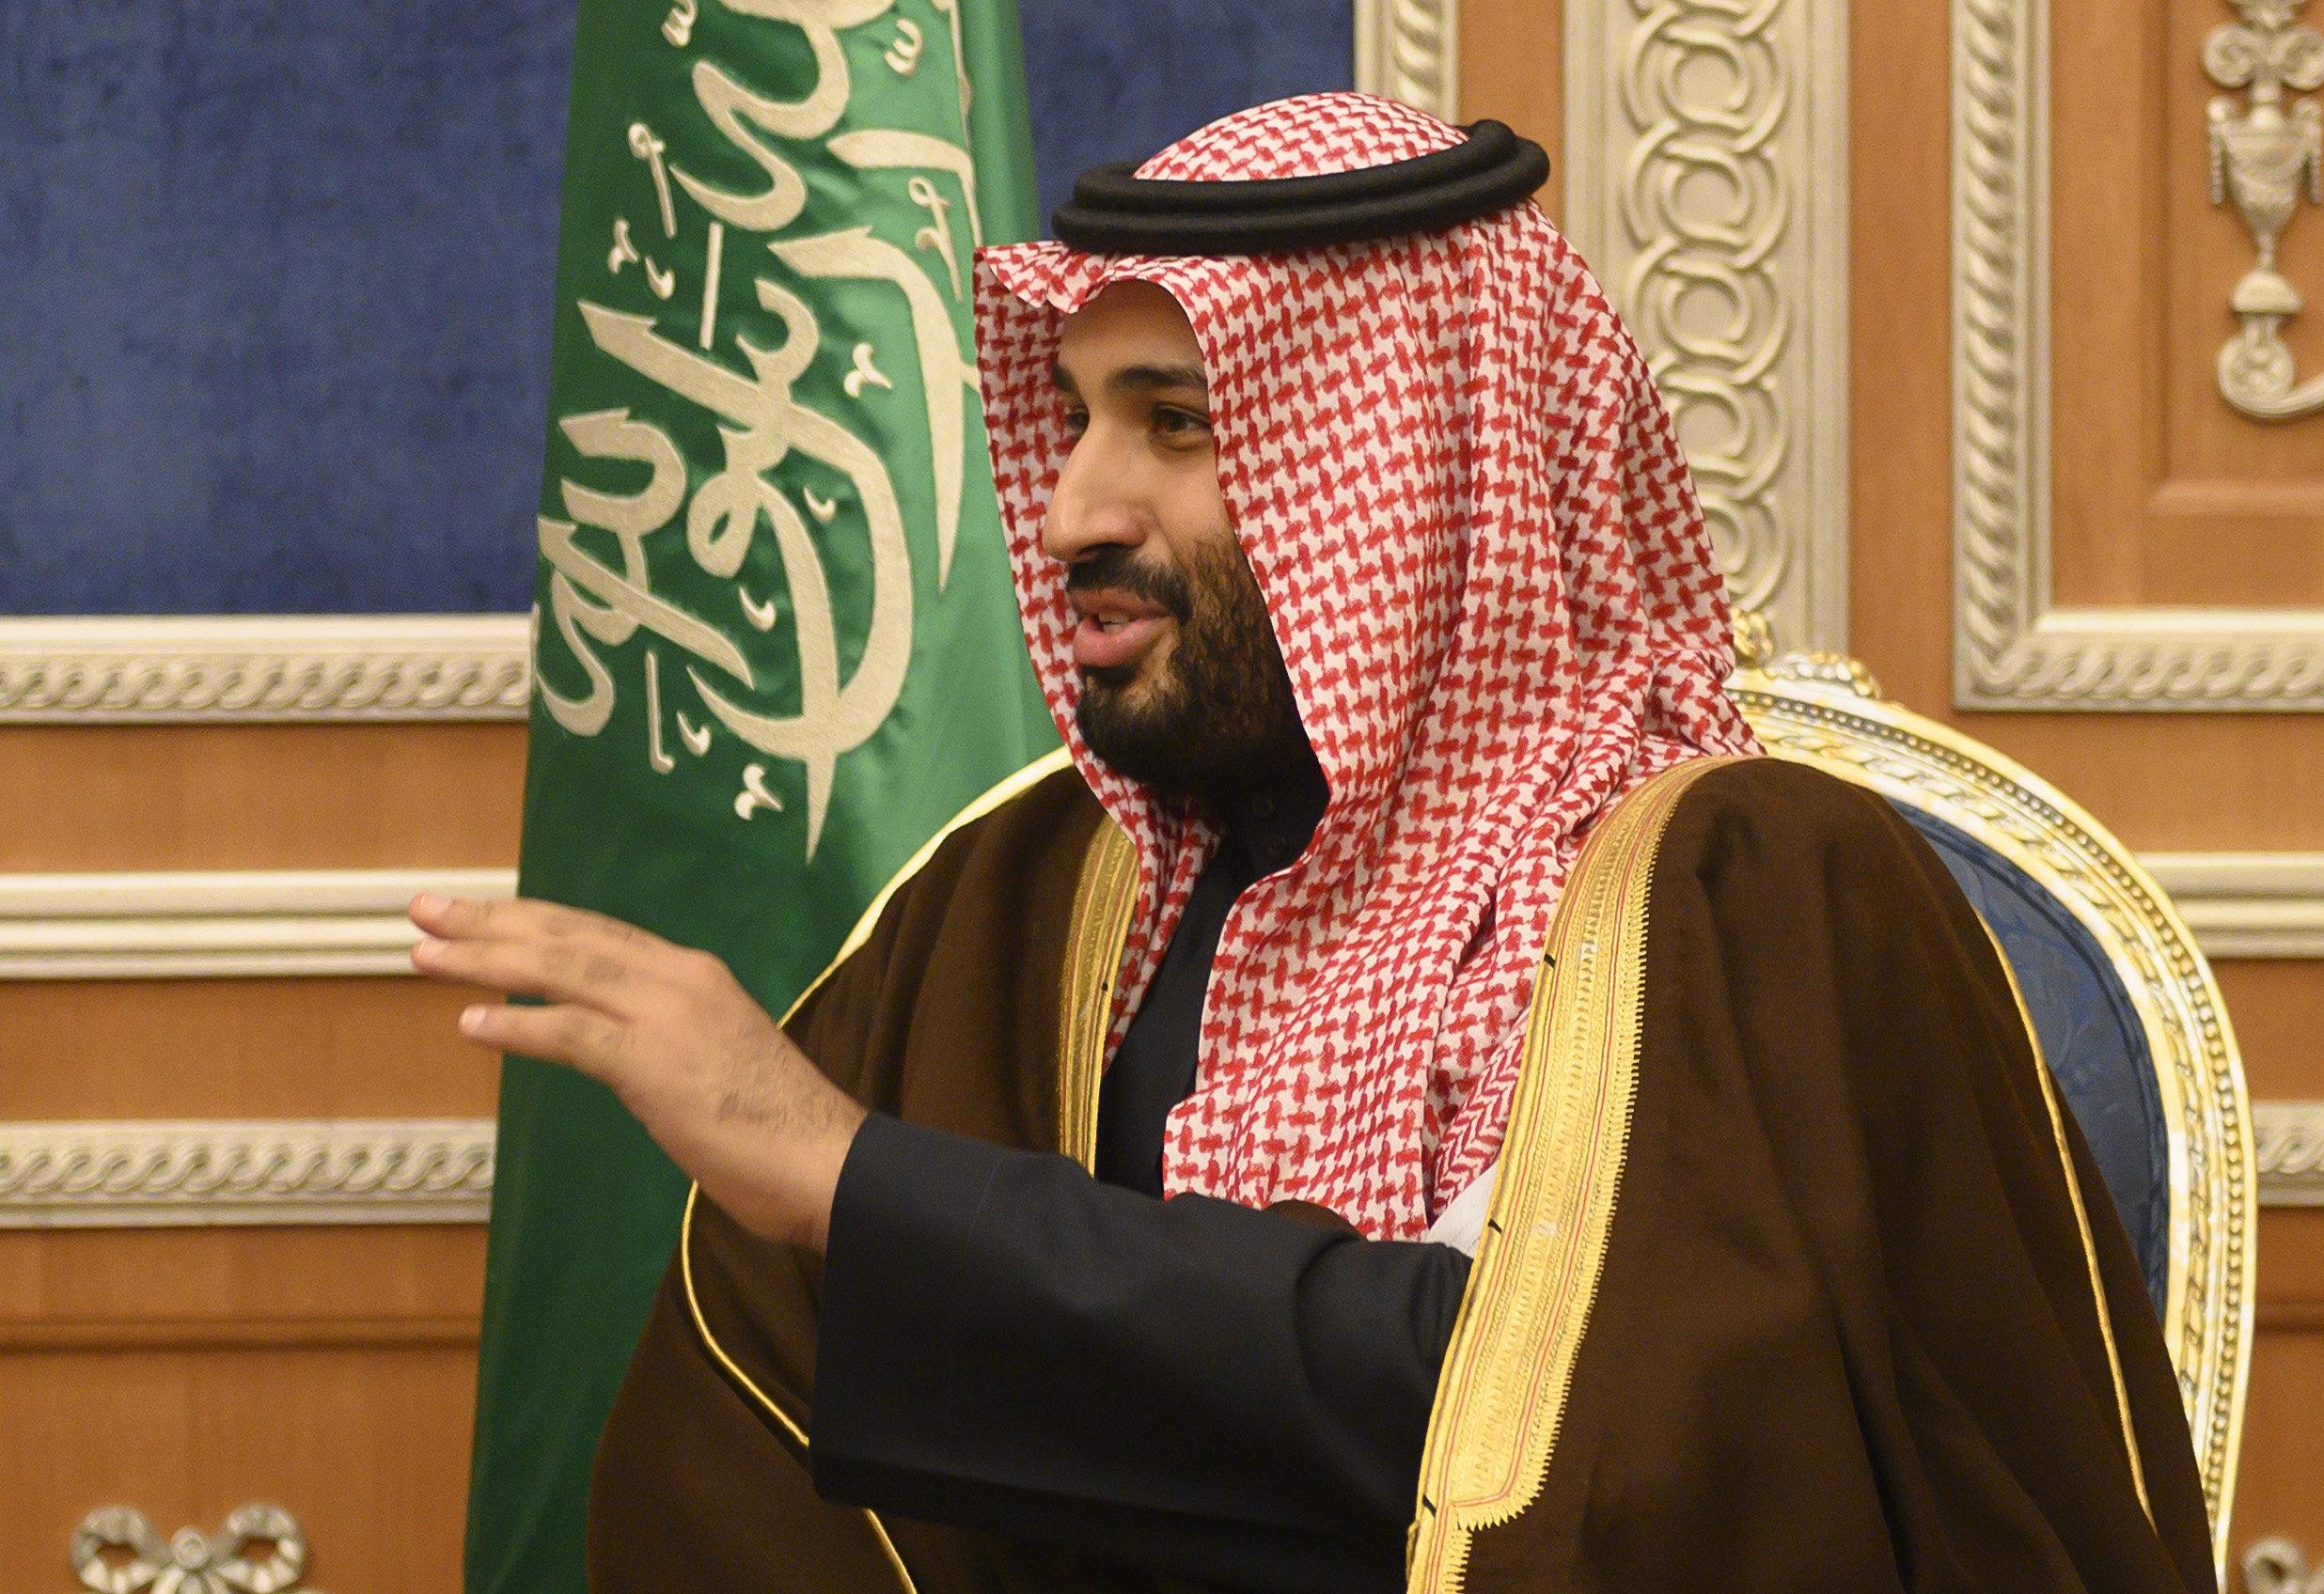 사우디아라비아의 실질적 통치자인 무함마드 빈 살만 왕세자. 그는 지난해 6월 모두의 예상을 깨고 왕위 계승자로